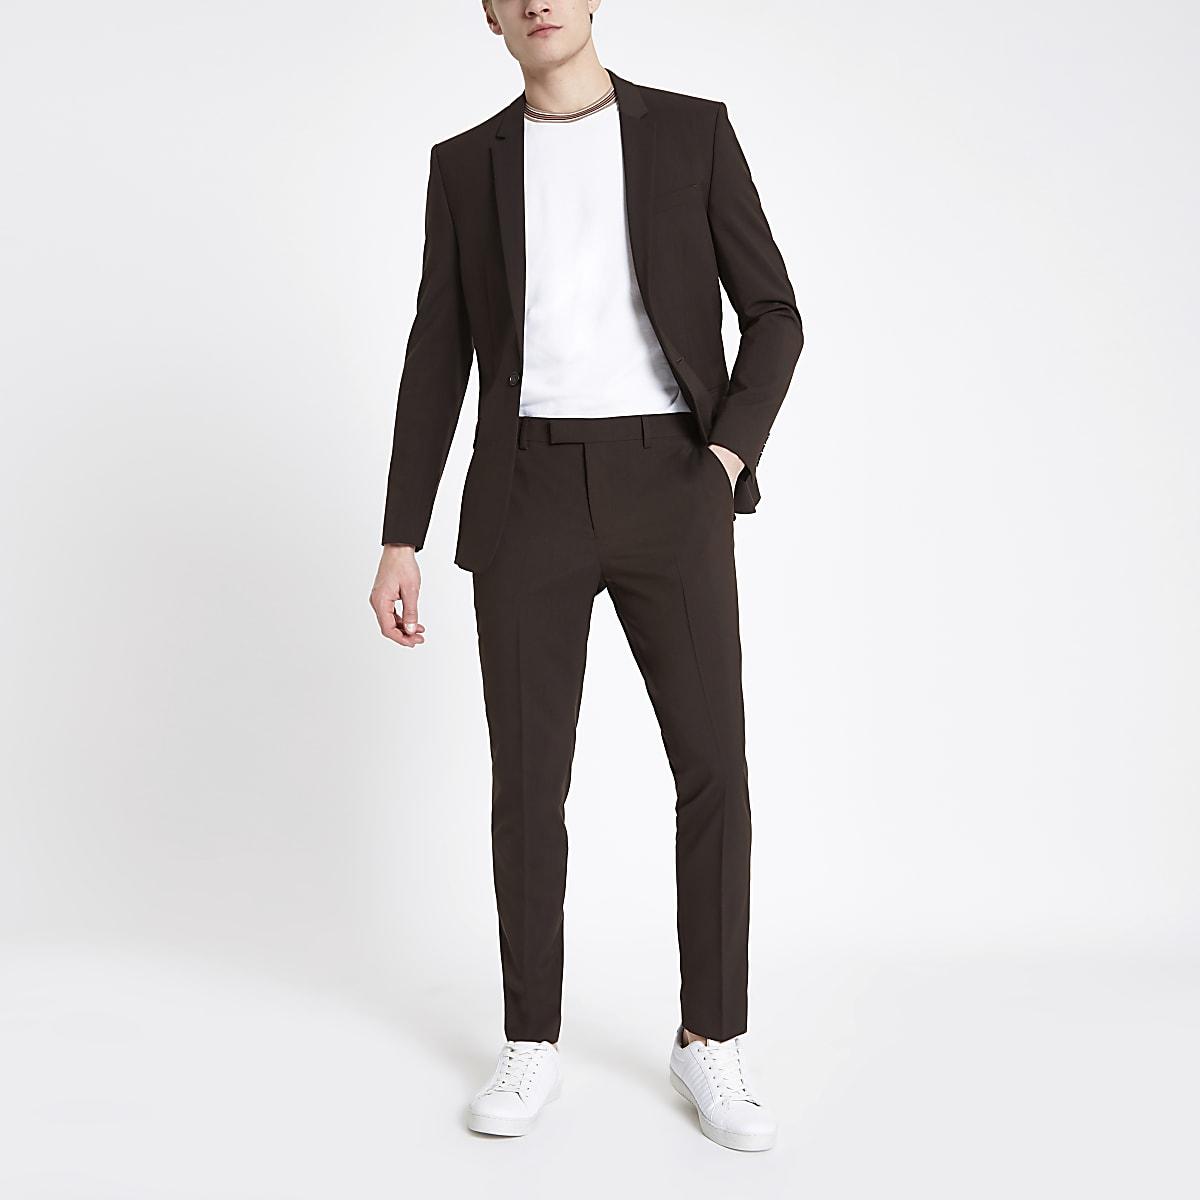 Pantalon de costume skinny marron